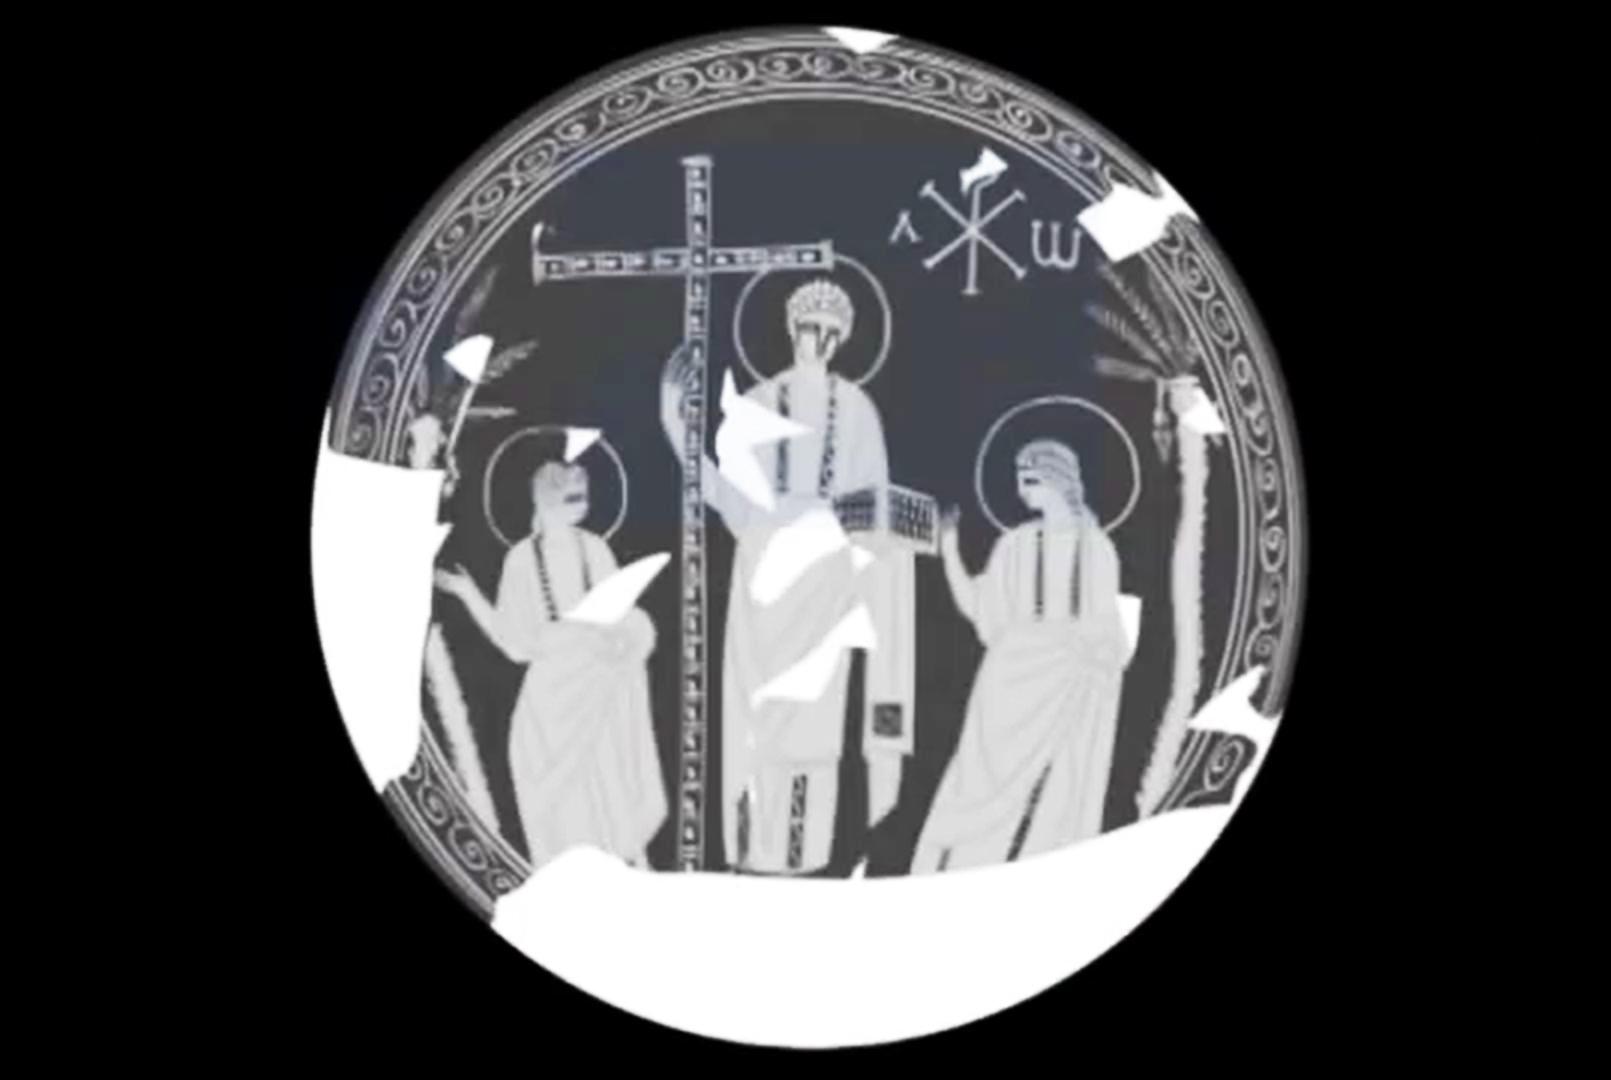 Гравюра c изображением Христа в сопровождении двух апостолов